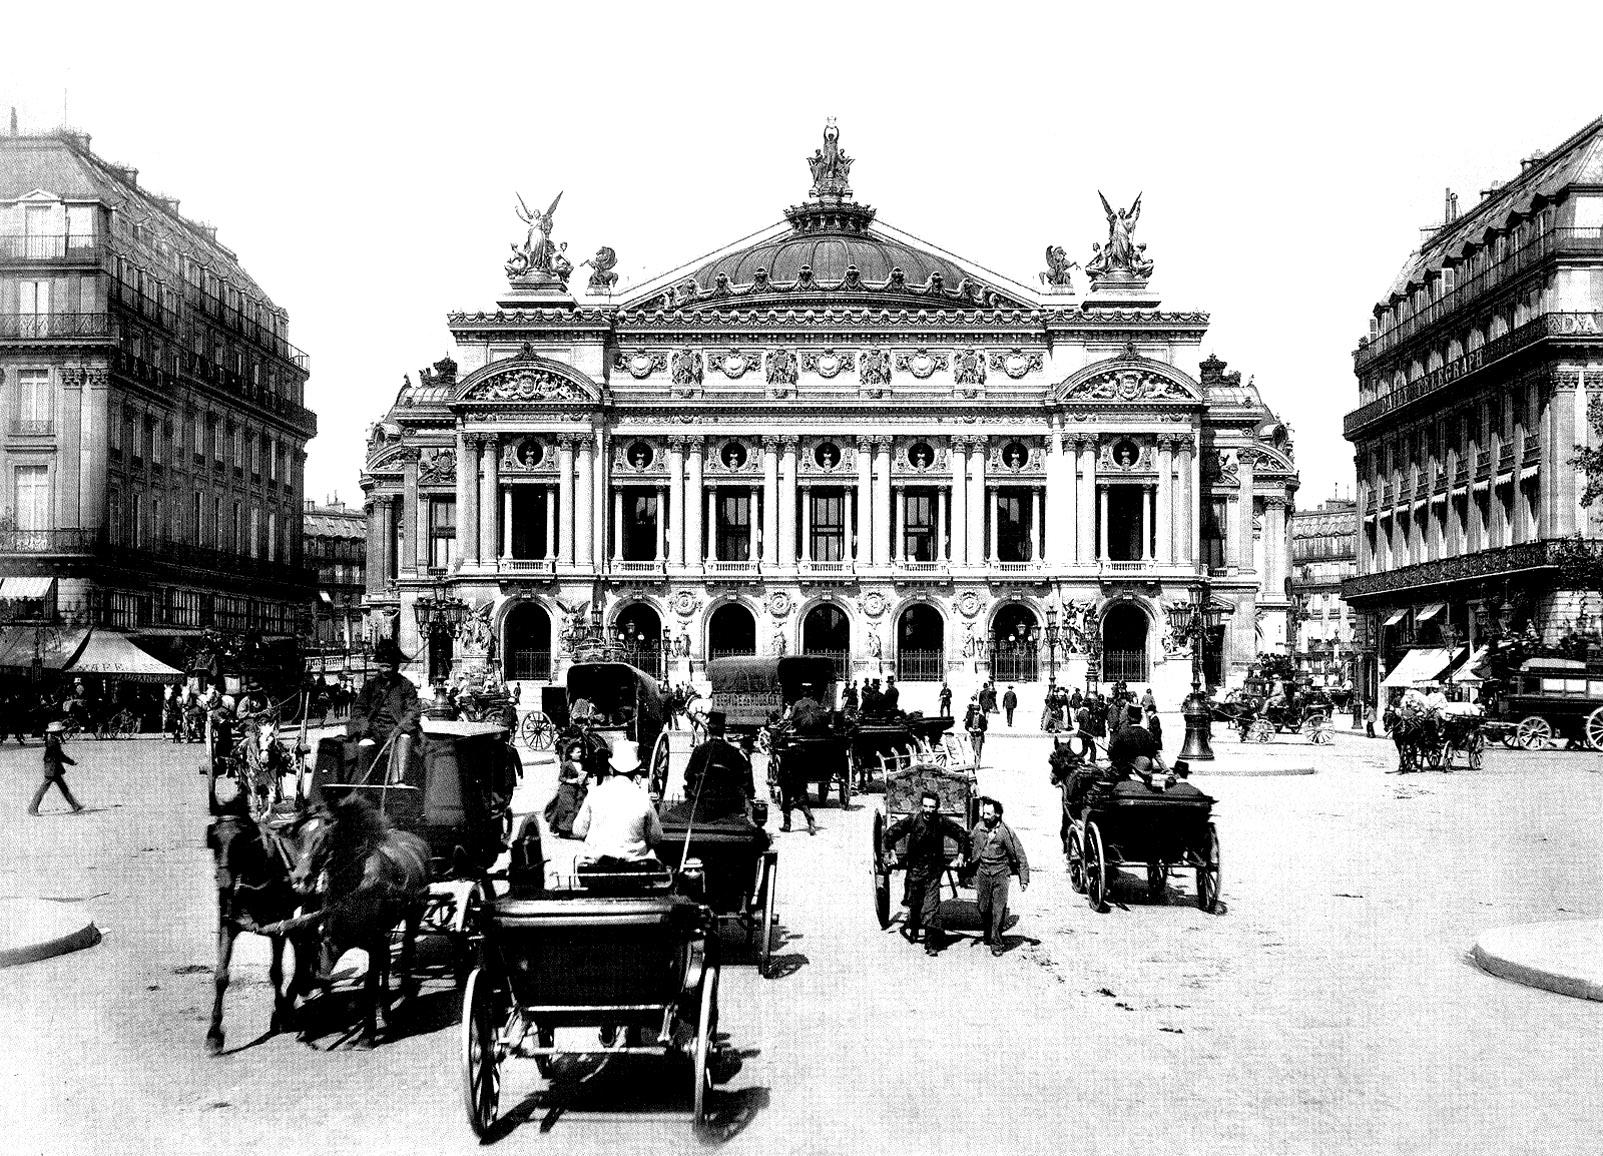 Une photo du 19e siècle de l'Opéra de Paris, avec carrosses d'époque ! A colorier, pour une plongée dans le PasséA partir de la galerie : Paris